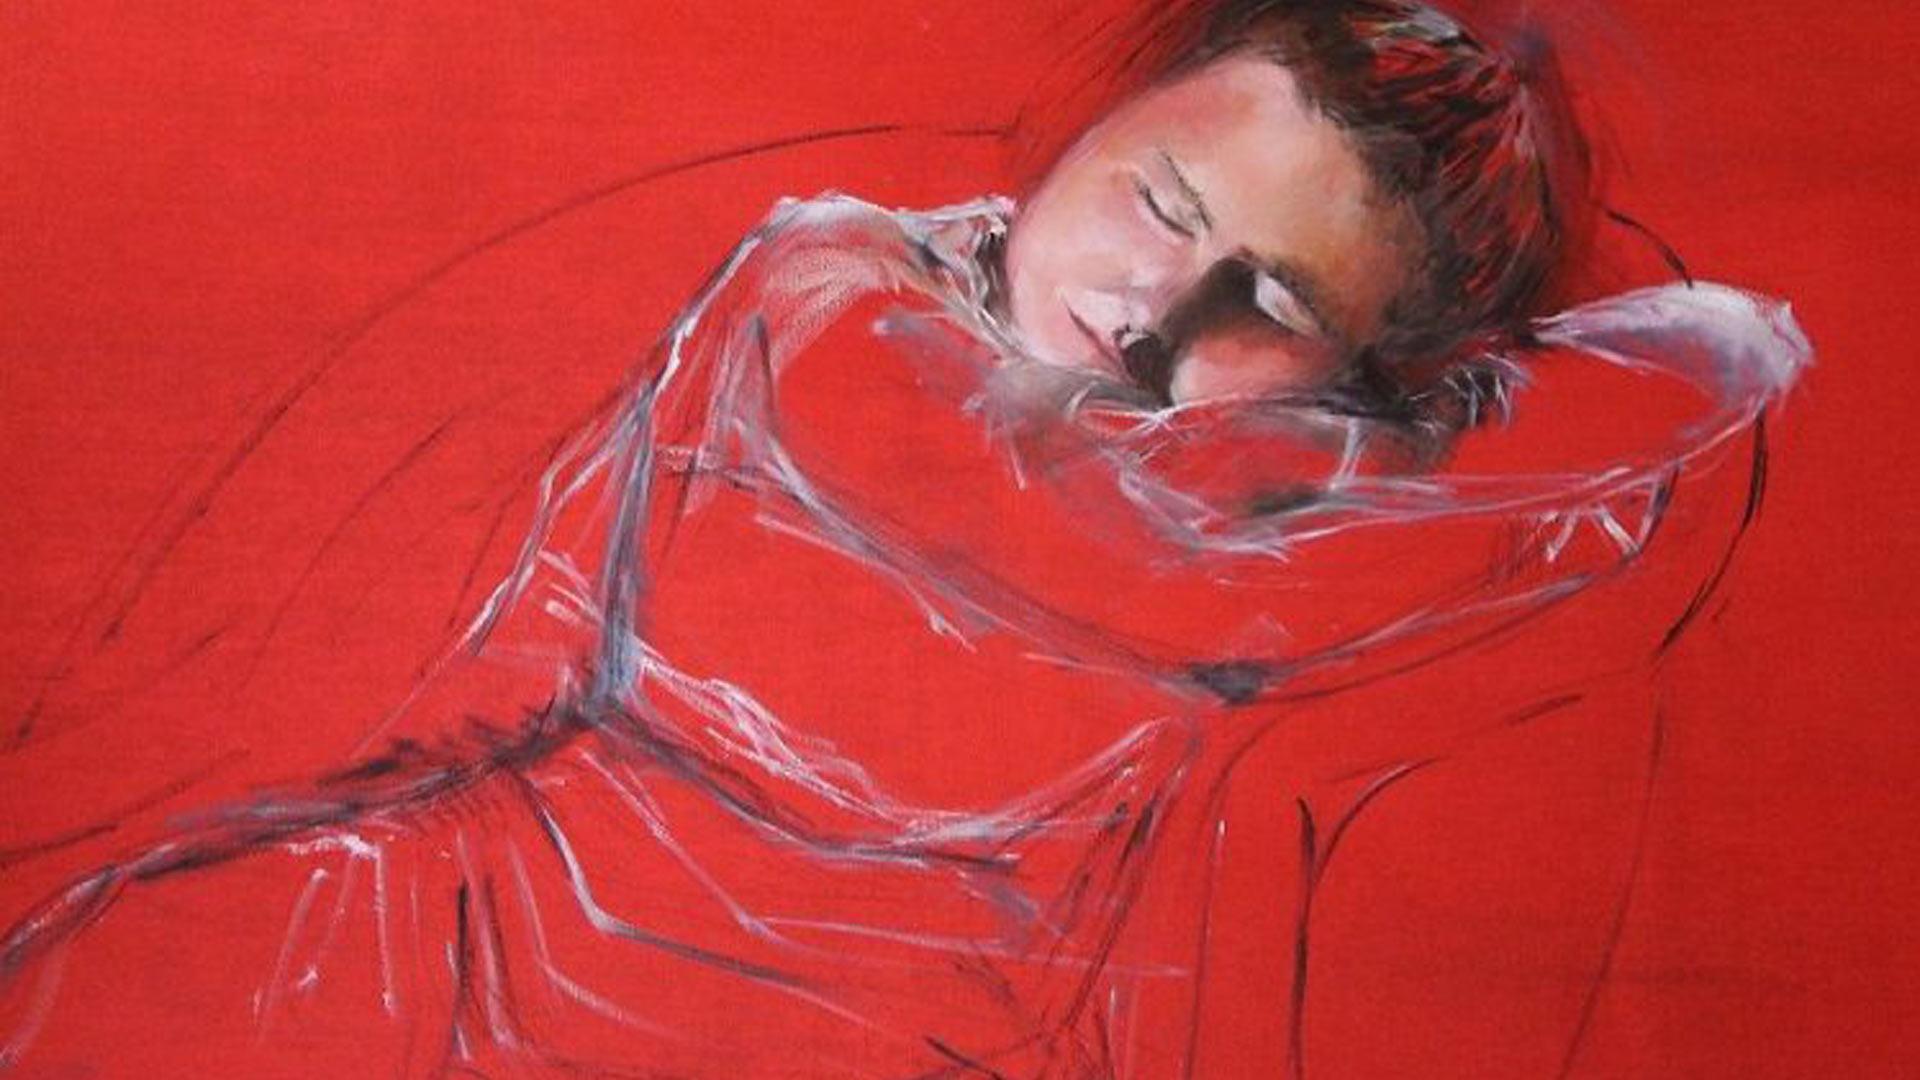 Benedetta Trudesti - La Bimba Dormiente tecnica olio su tela 120x100 cm anno 2013